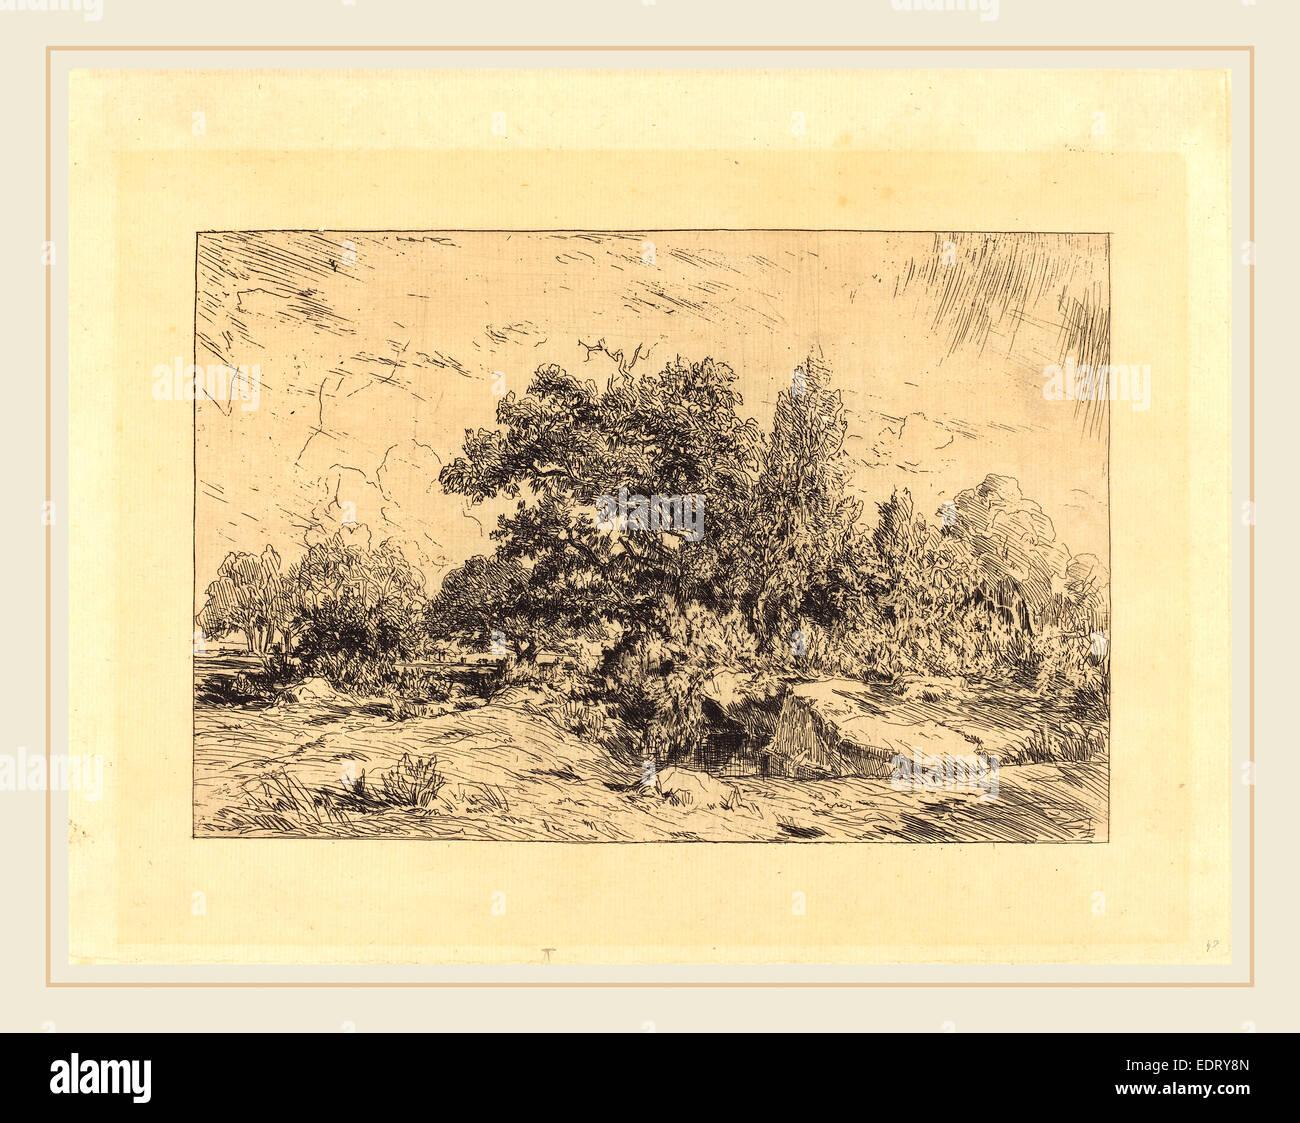 Théodore Rousseau (French, 1812-1867), Vue du Plateau de Bellecroix, 1848-1849, etching - Stock Image